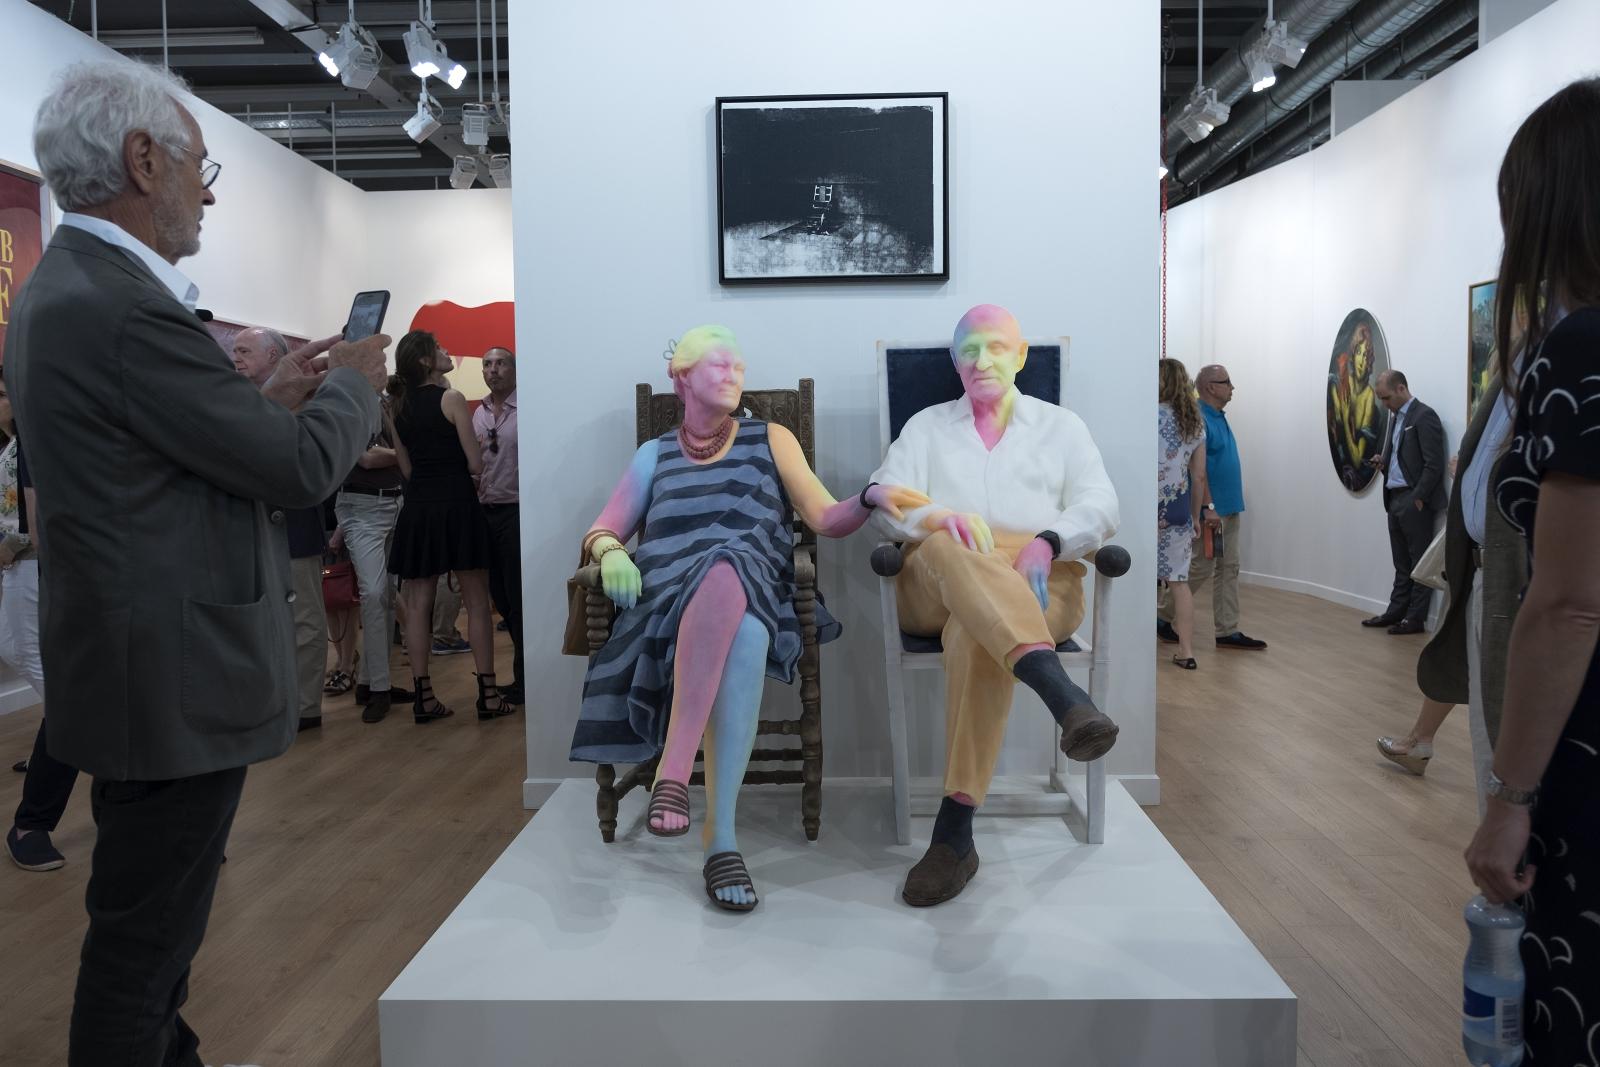 Na międzynarodowym pokazie artystycznym Art Basel w Szwajcarii, znajduje się rzeźba Brunona Bischofbergera i jego żony.